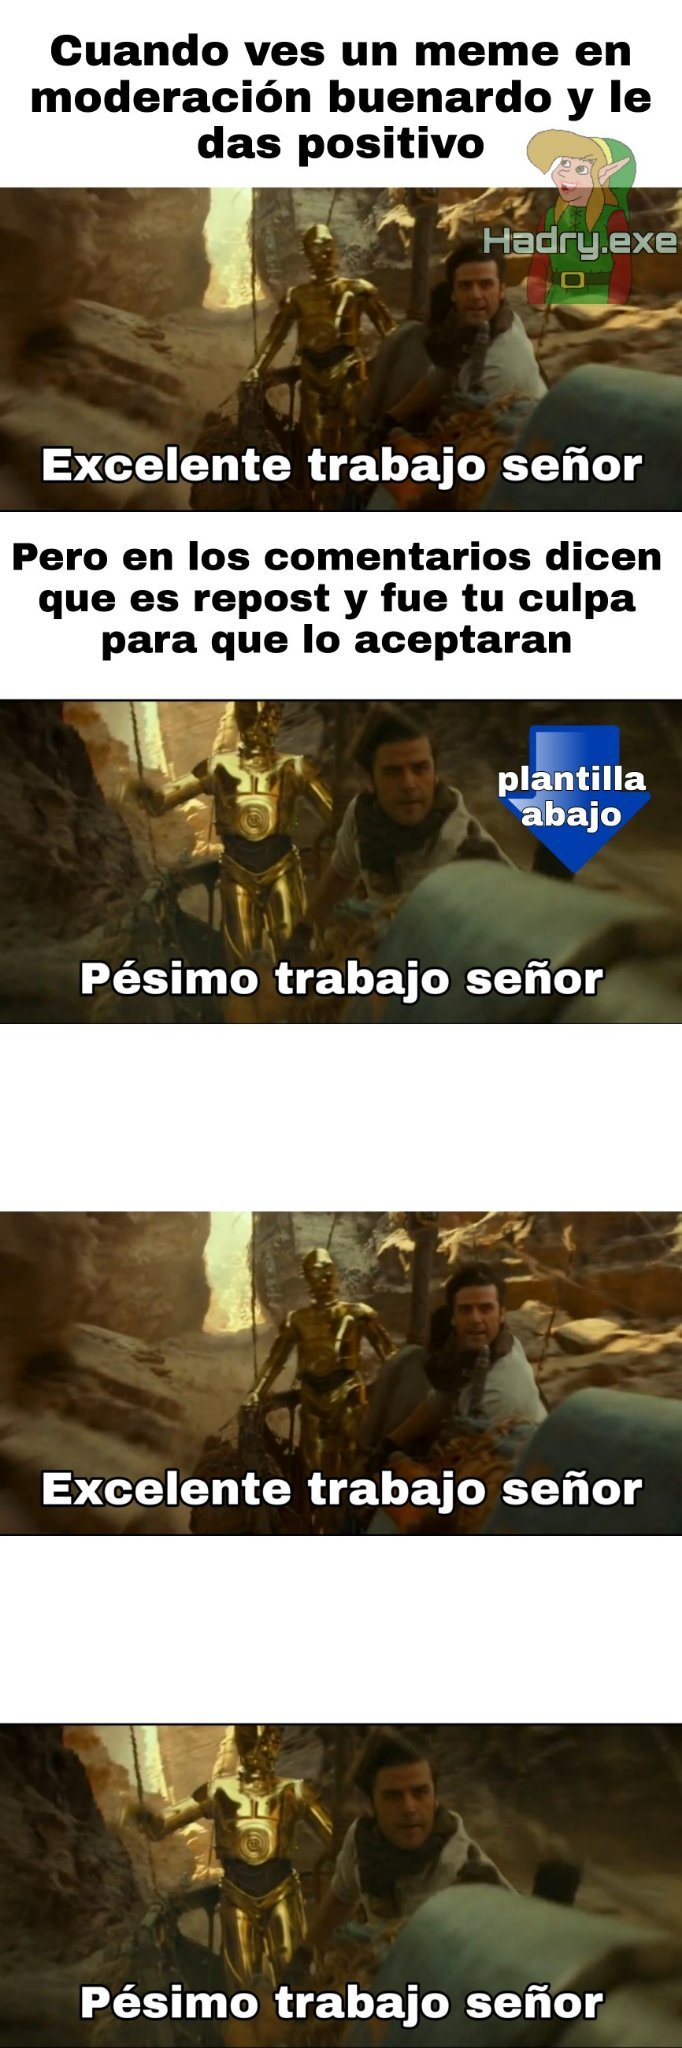 La plantilla abajo - meme